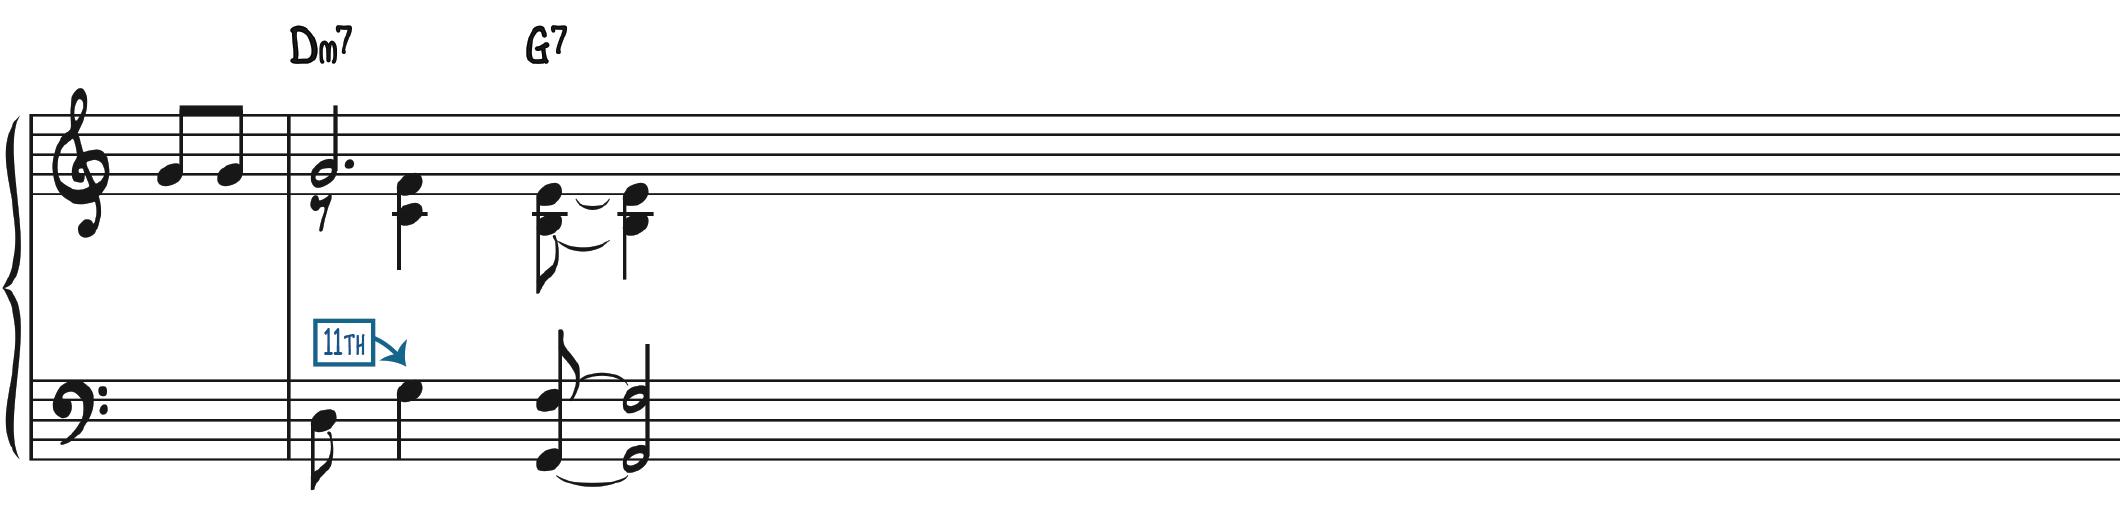 D Minor 11th Chord